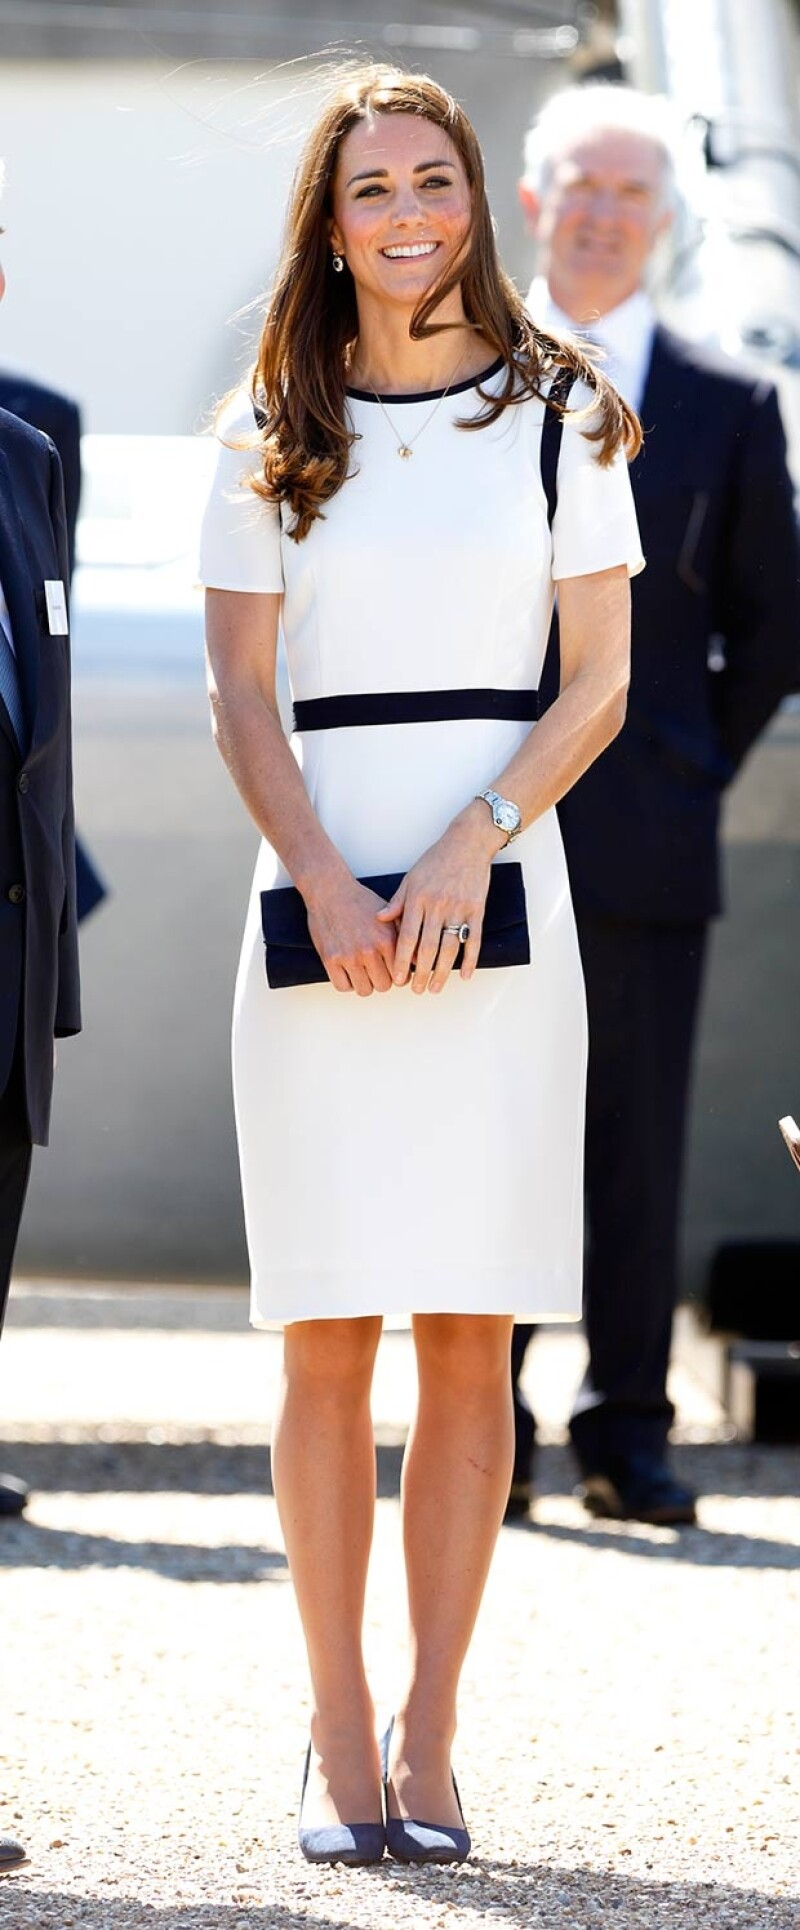 Acertadamente, la mamá del príncipe George combinó el vestido blanco con franjas azules en la cintura, el cuello y las mangas con un par de zapatos de Alexander McQueen en marino.